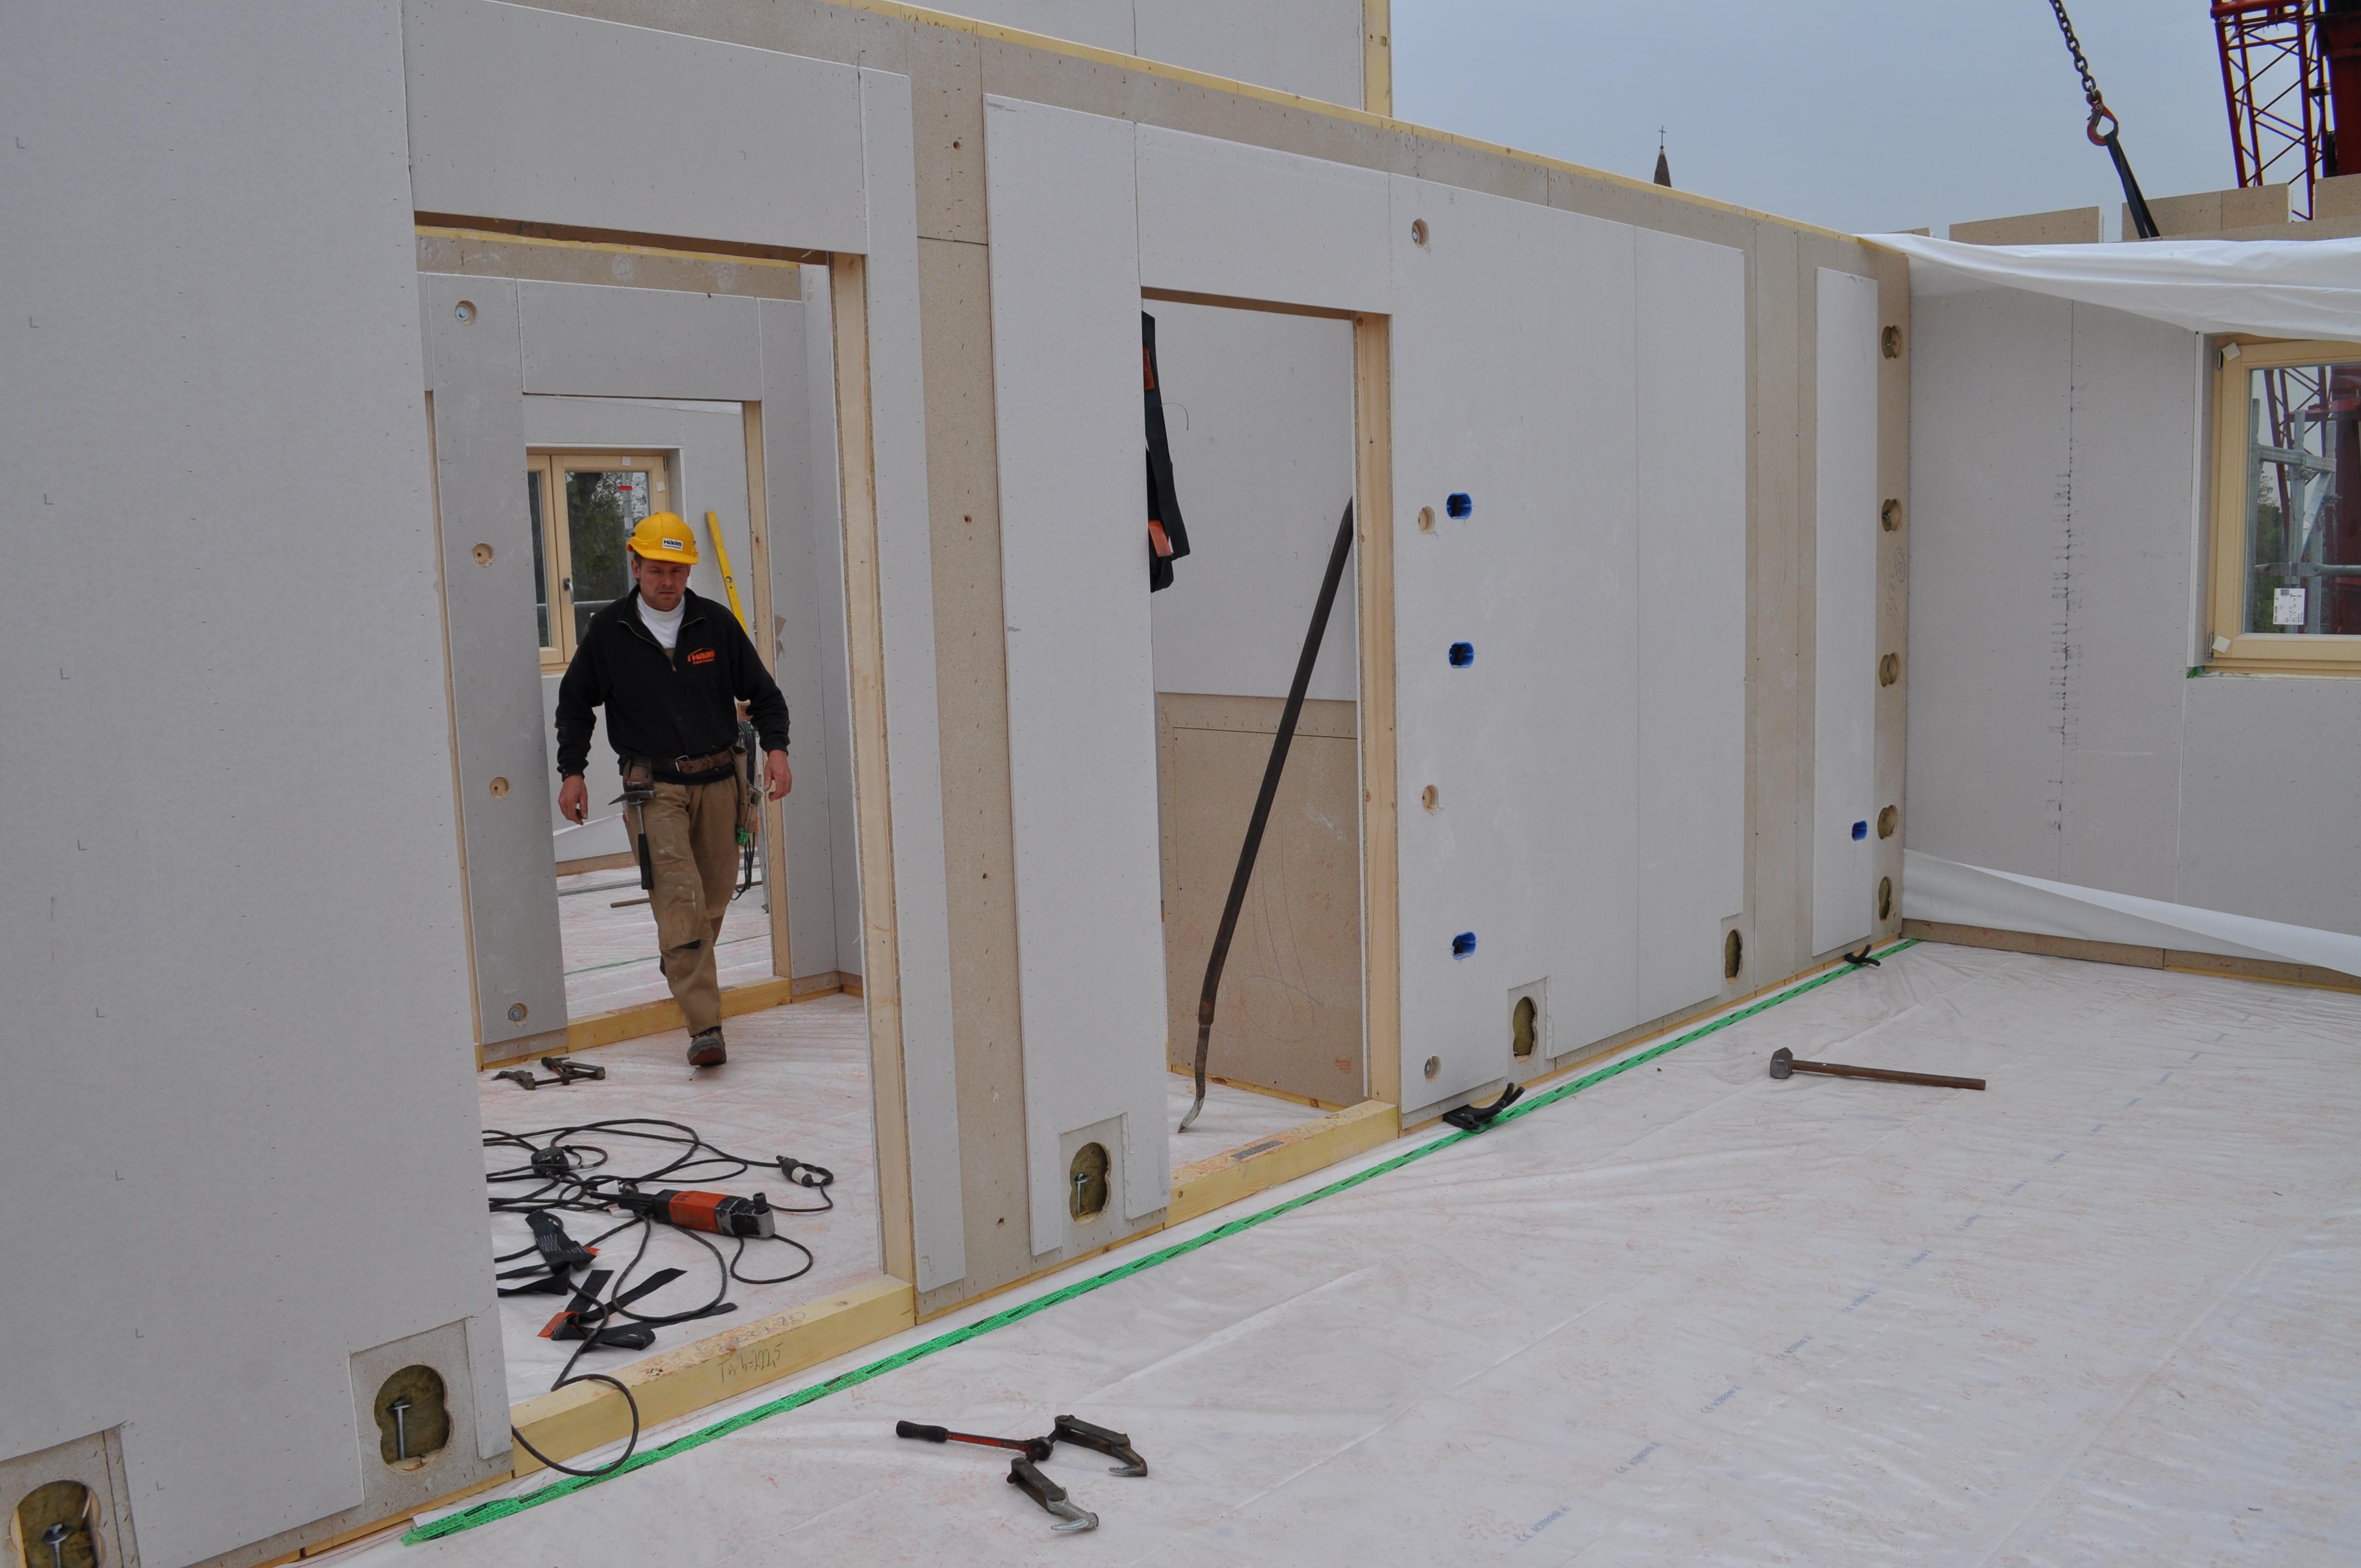 9hdesign casa a basso consumo energetico - Stufette elettriche a basso consumo energetico ...